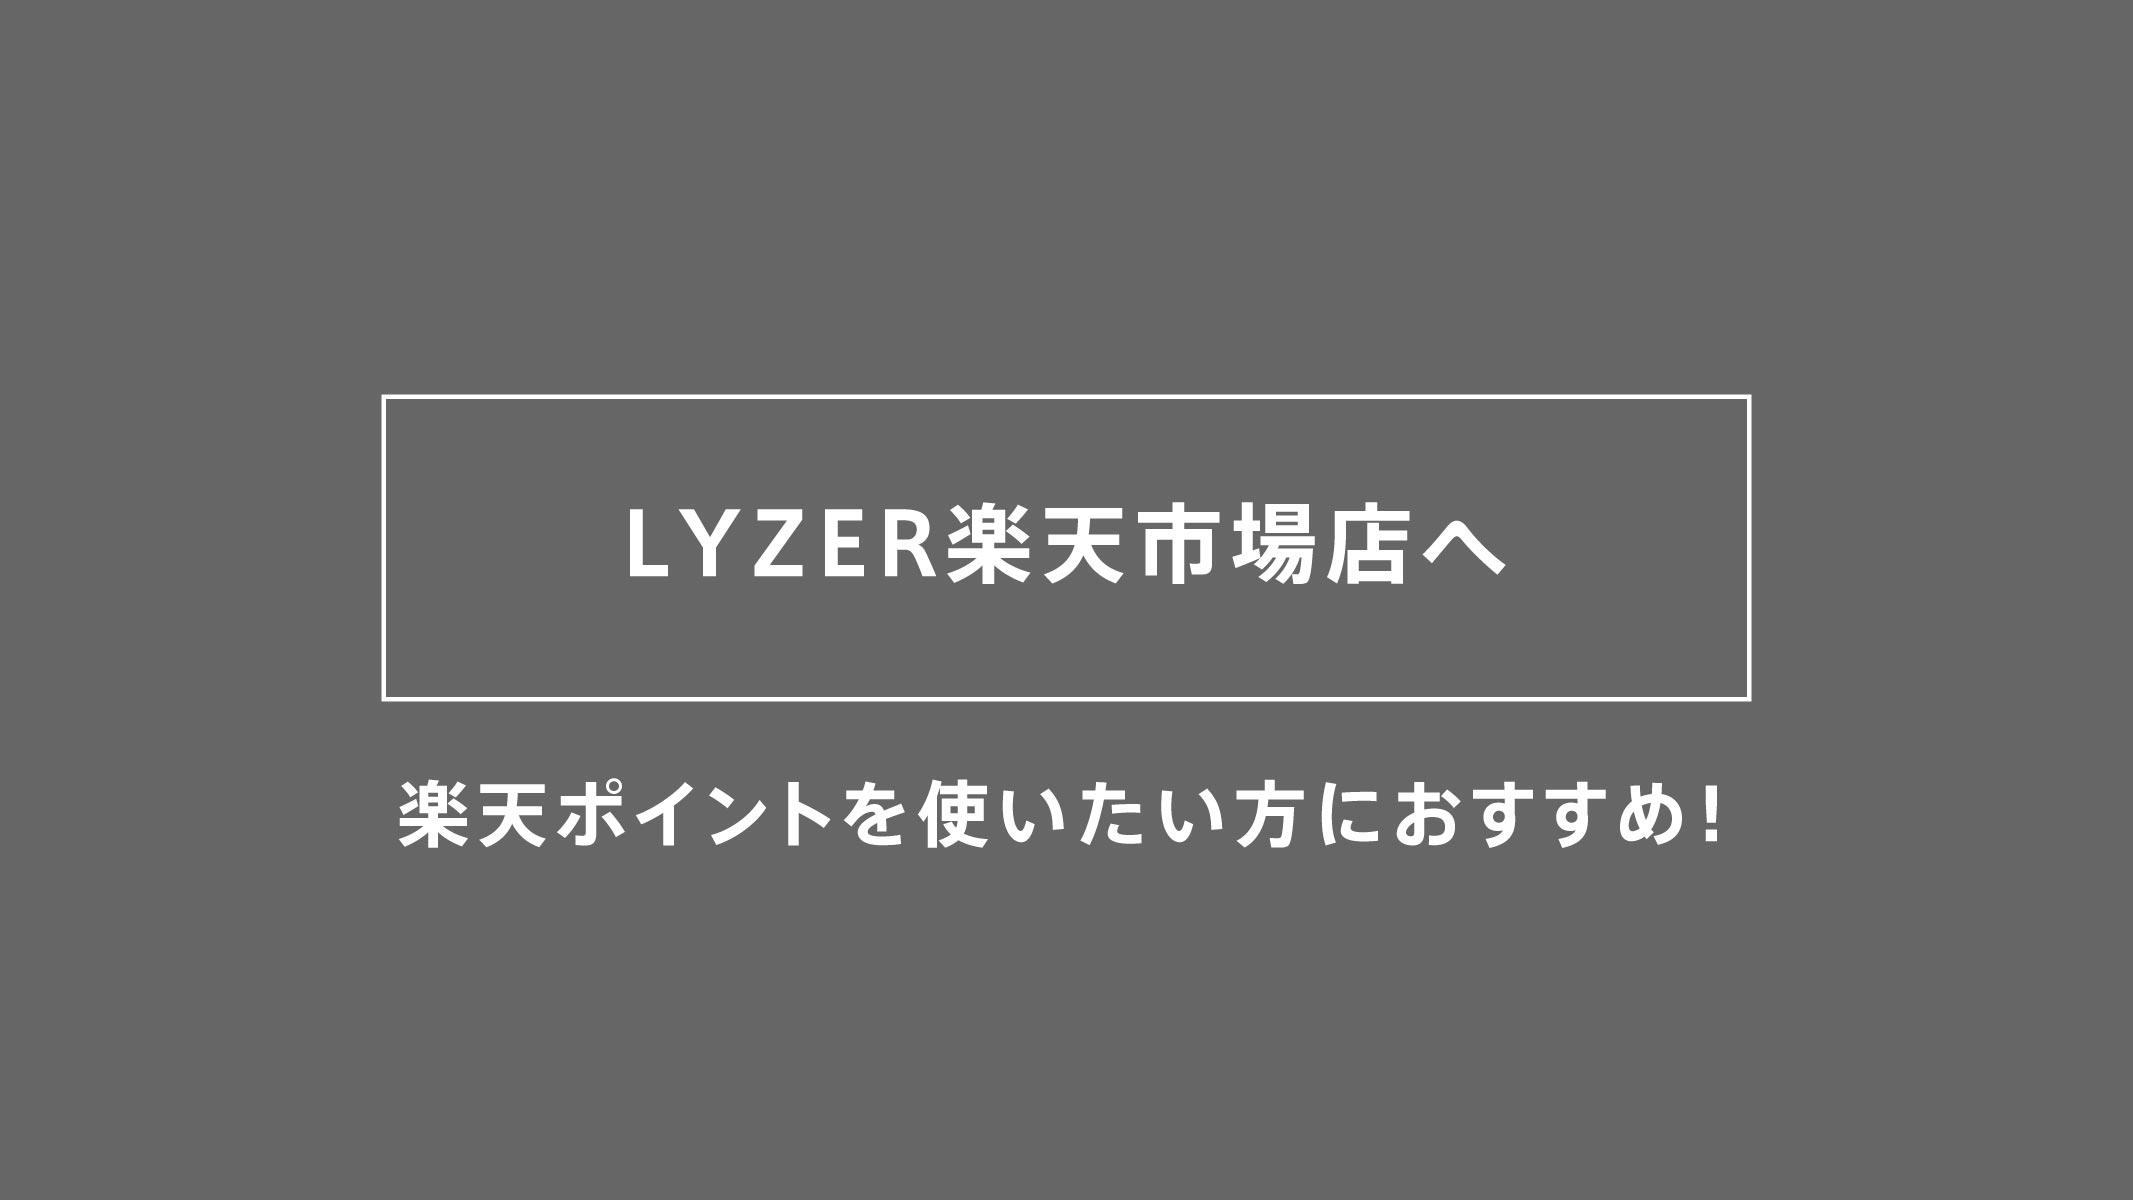 LYZER公式通販 楽天市場店